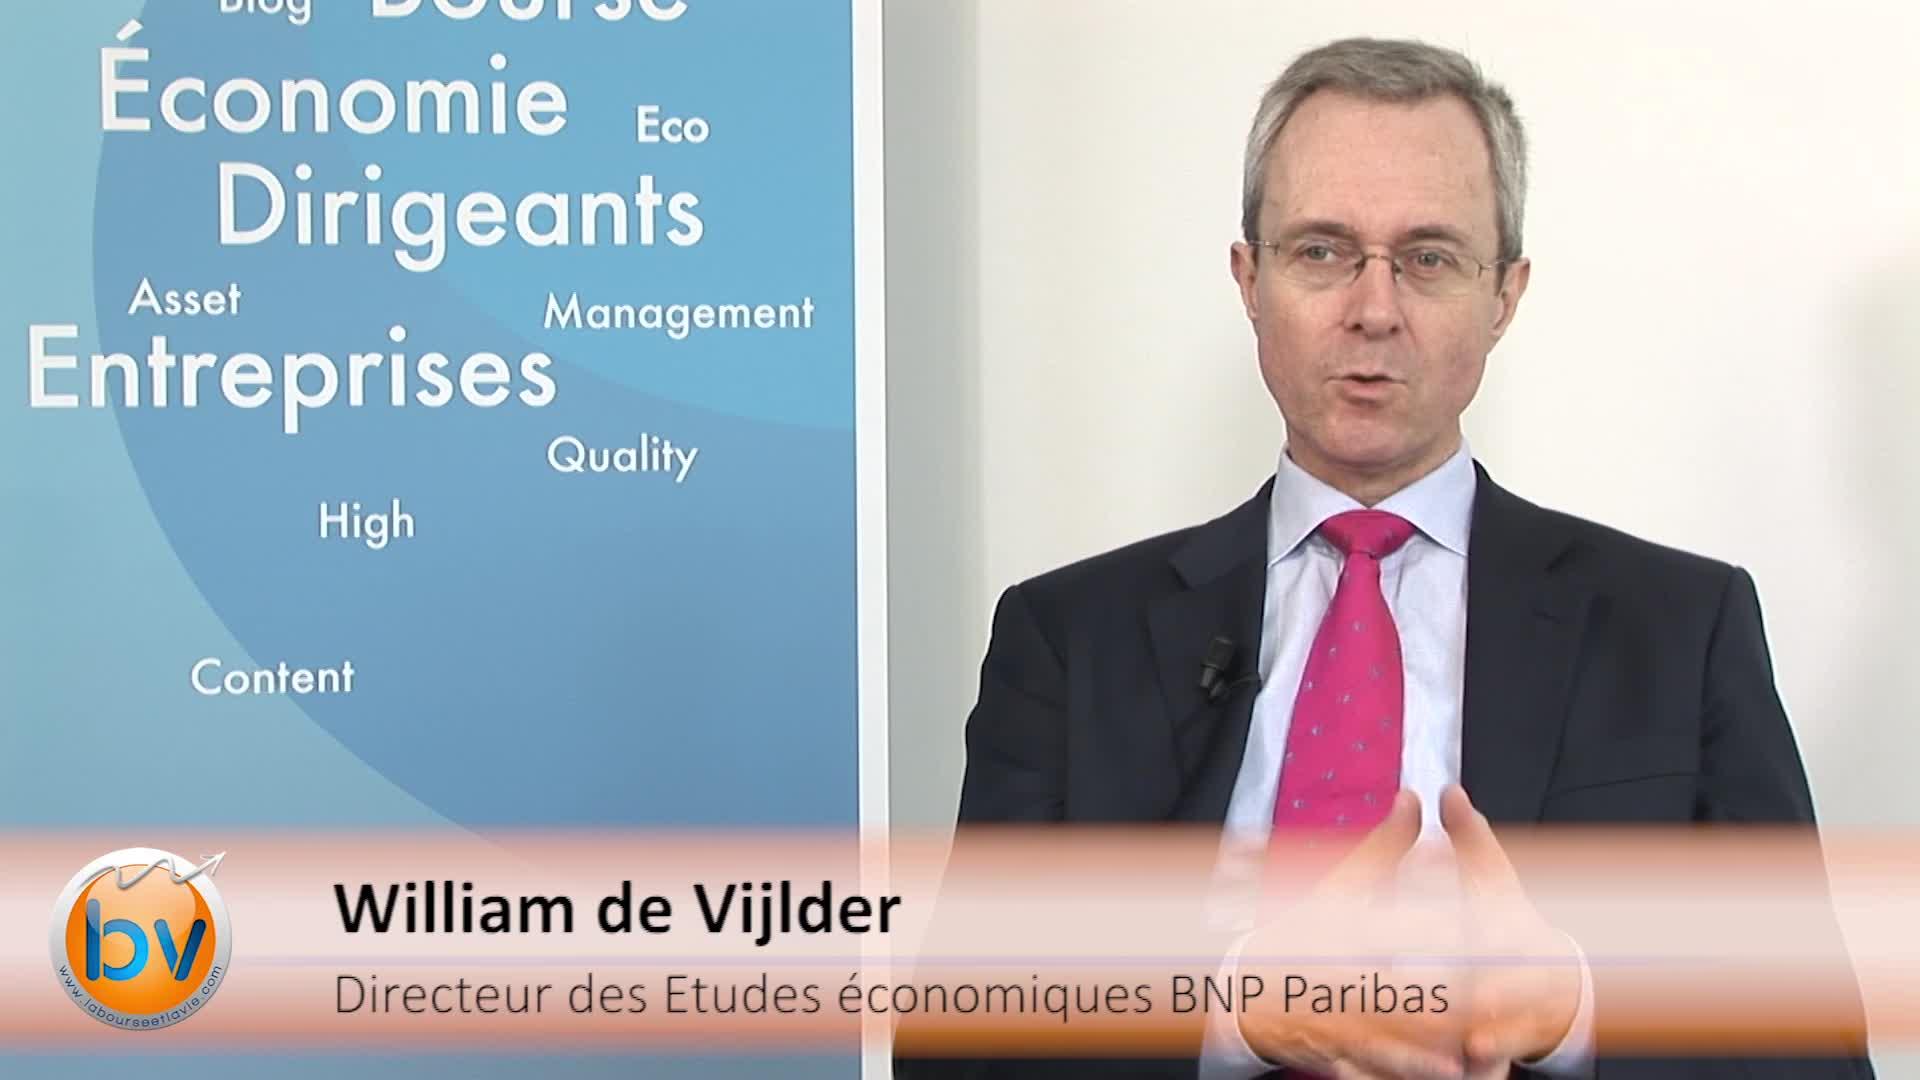 """William de Vijlder Directeur des Etudes économiques BNP Paribas : """"Les marchés reflètent surtout l'inquiétude grandissante des investisseurs"""""""